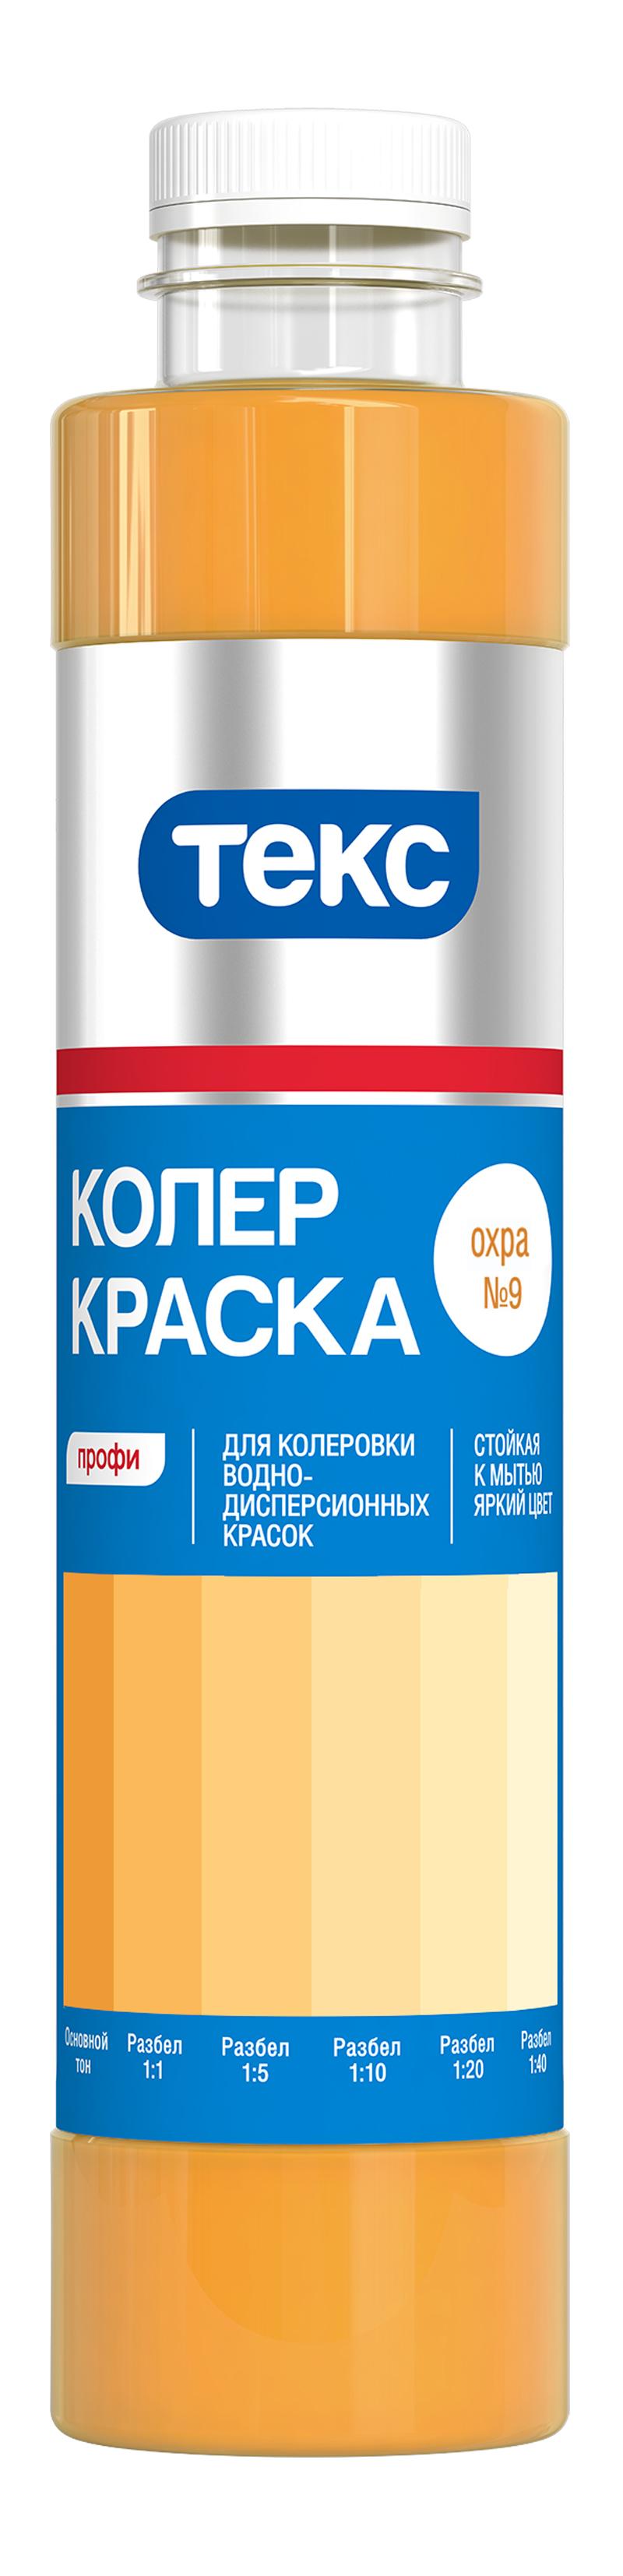 Колер краска охра №9 Текс 0,75 л